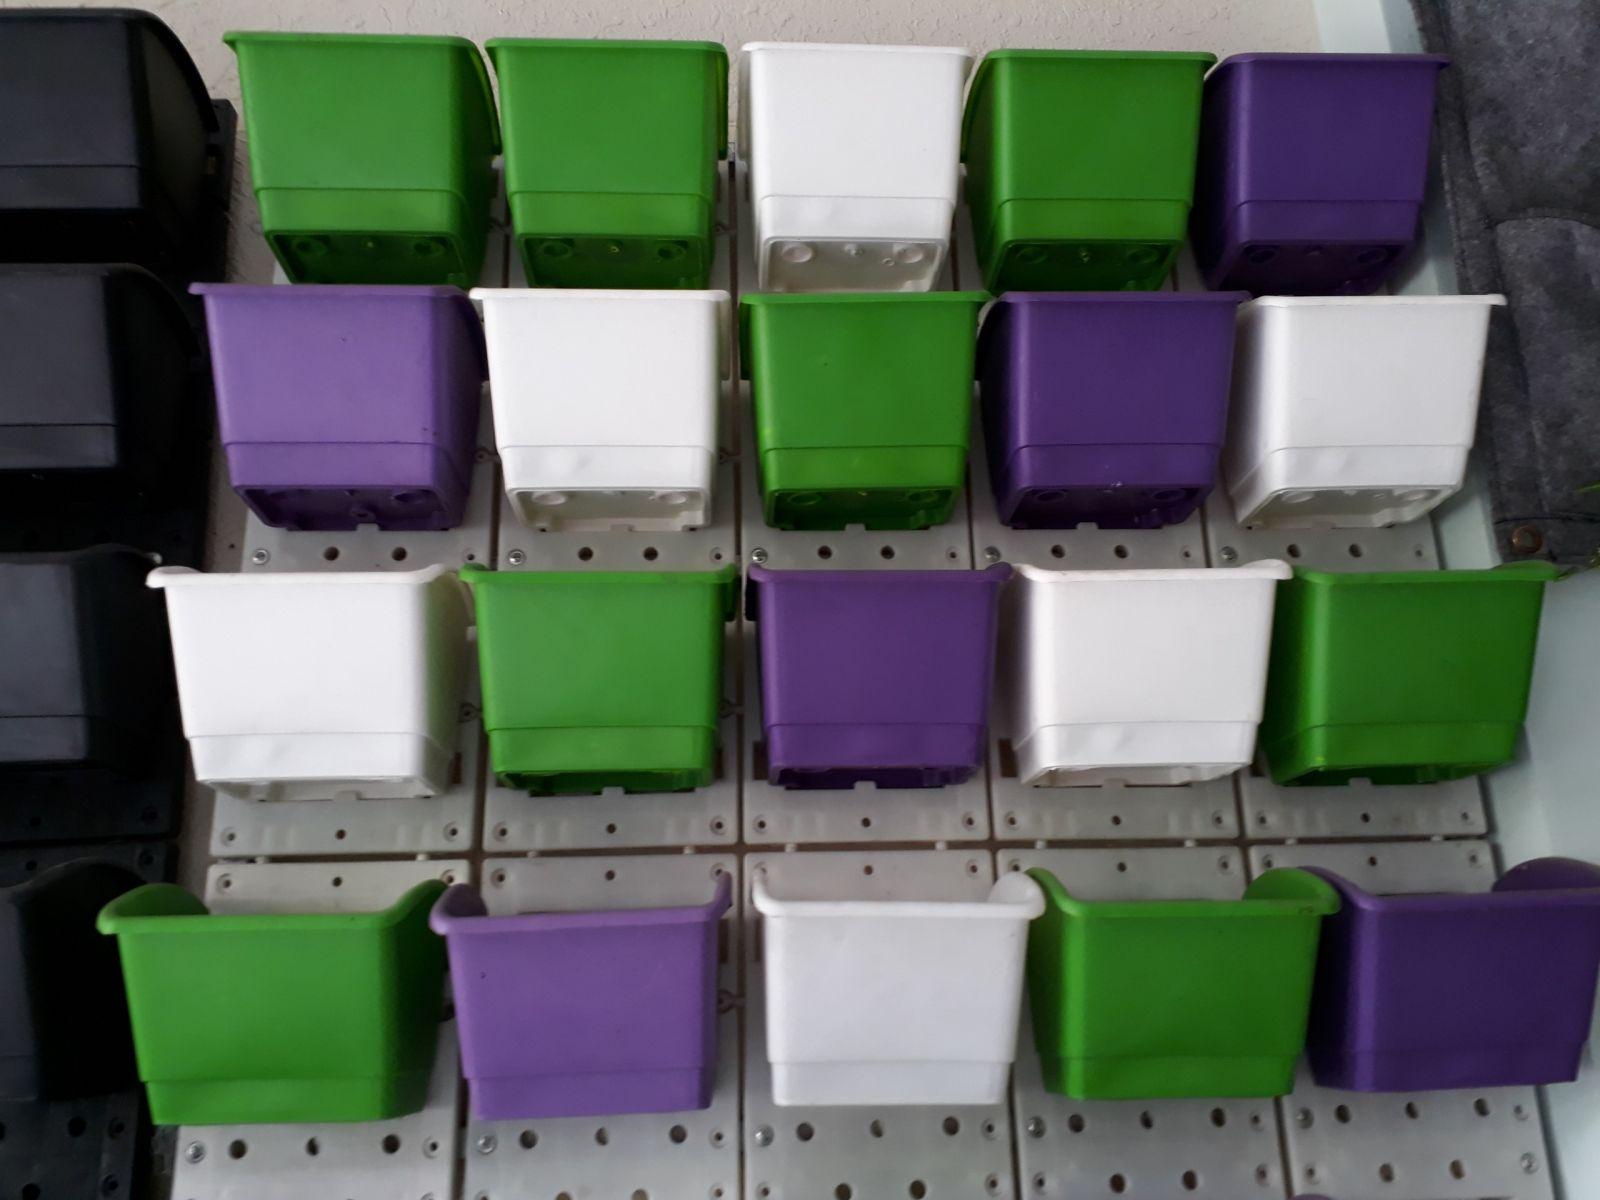 Mô hình modul QA 01 ba màu của công ty Quang Anh HCM